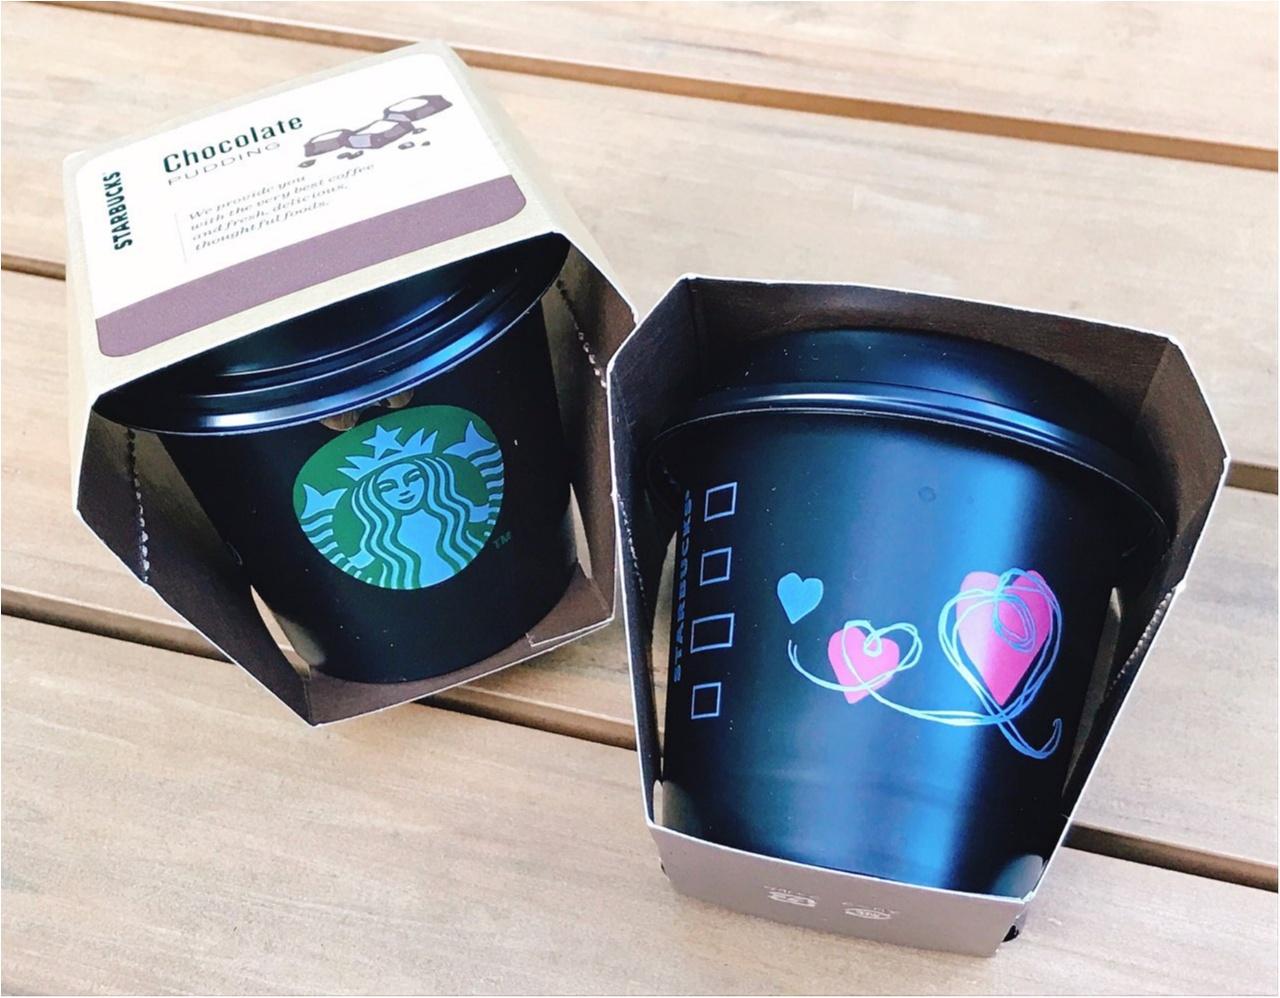 《今だけの限定‼︎》スタバの超人気【チョコレートプリン】のカップが可愛いバレンタイン仕様に♡食べ終わった後のプリンカップの活用法も教えちゃう( ´艸`)_1